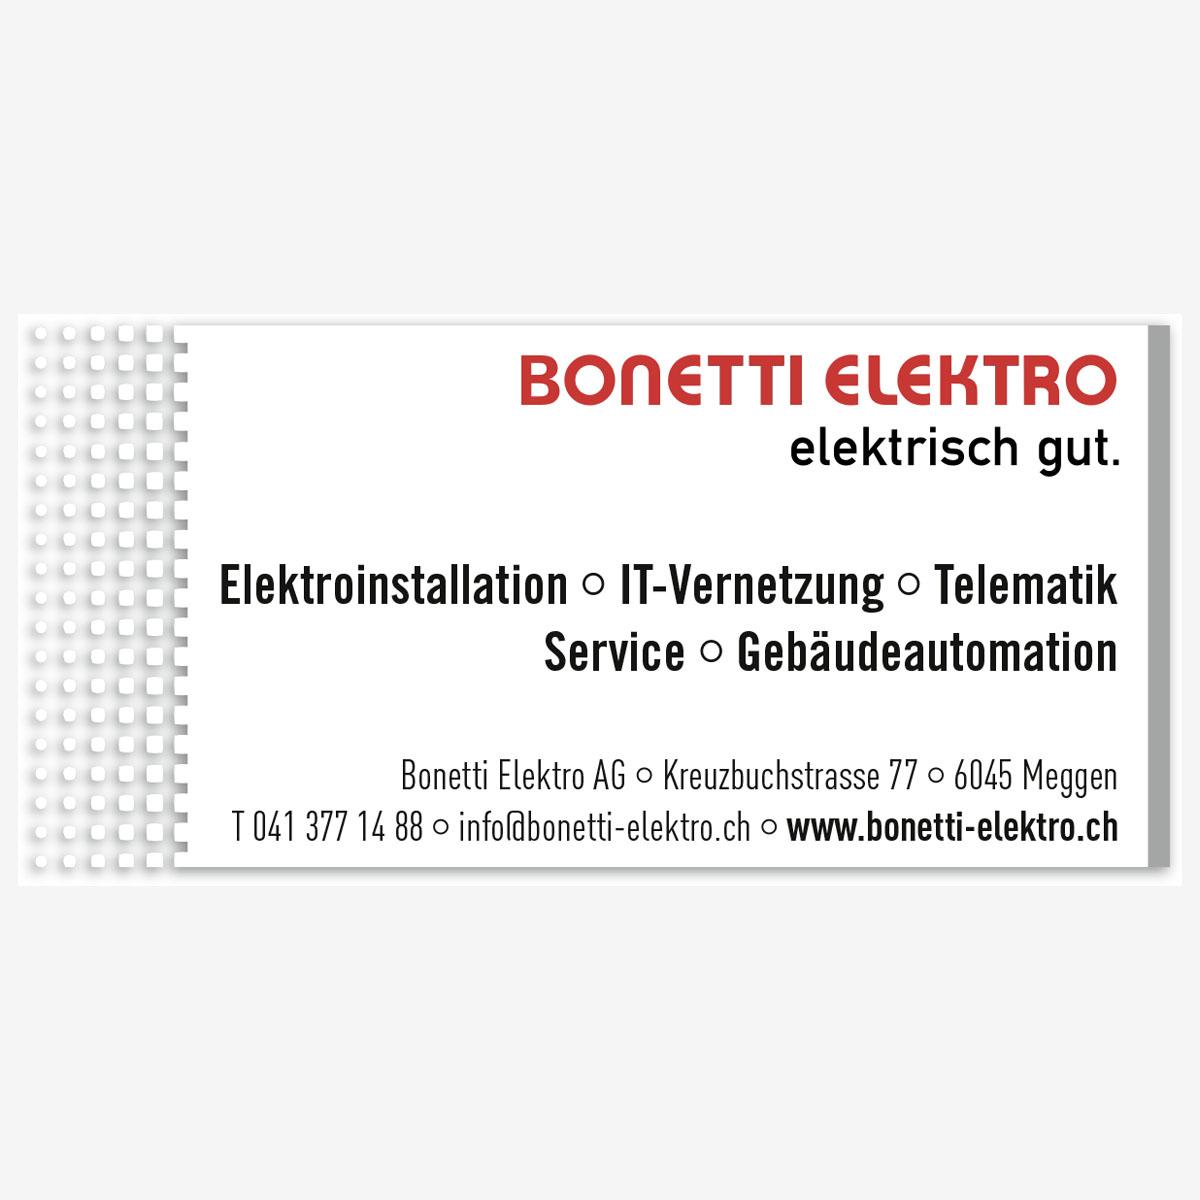 sponsoring_bonetti.jpg